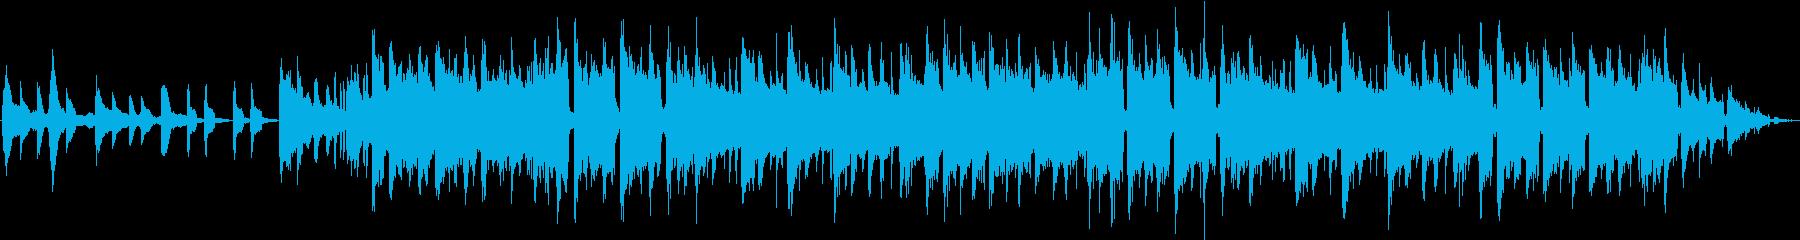 雨、チル、Lo-Fi、しっとり、ピアノ曲の再生済みの波形